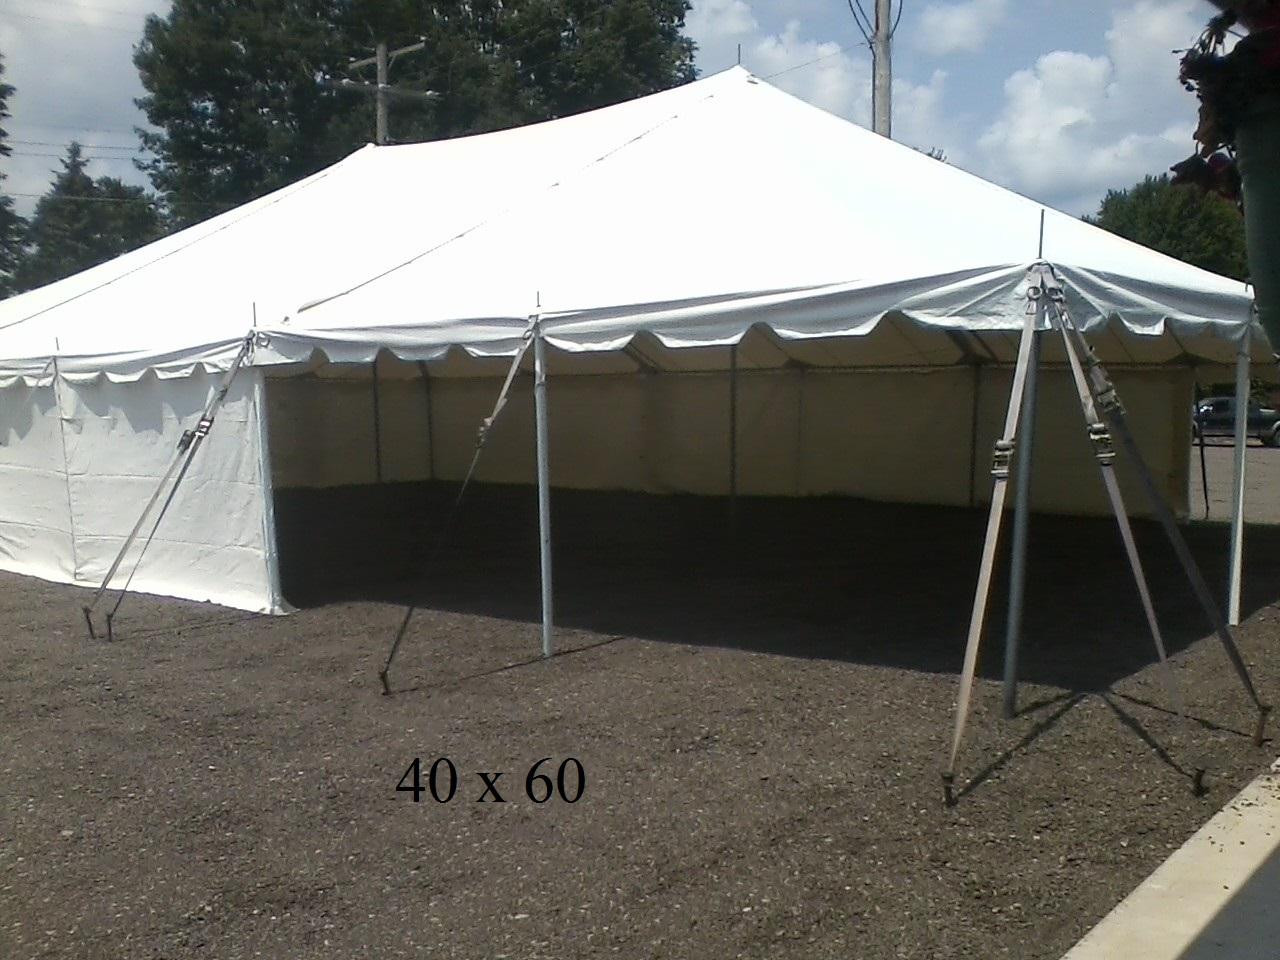 New Paris Tent Rentals & 40×60 tent for rent elkhart county | New Paris Tent Rentals